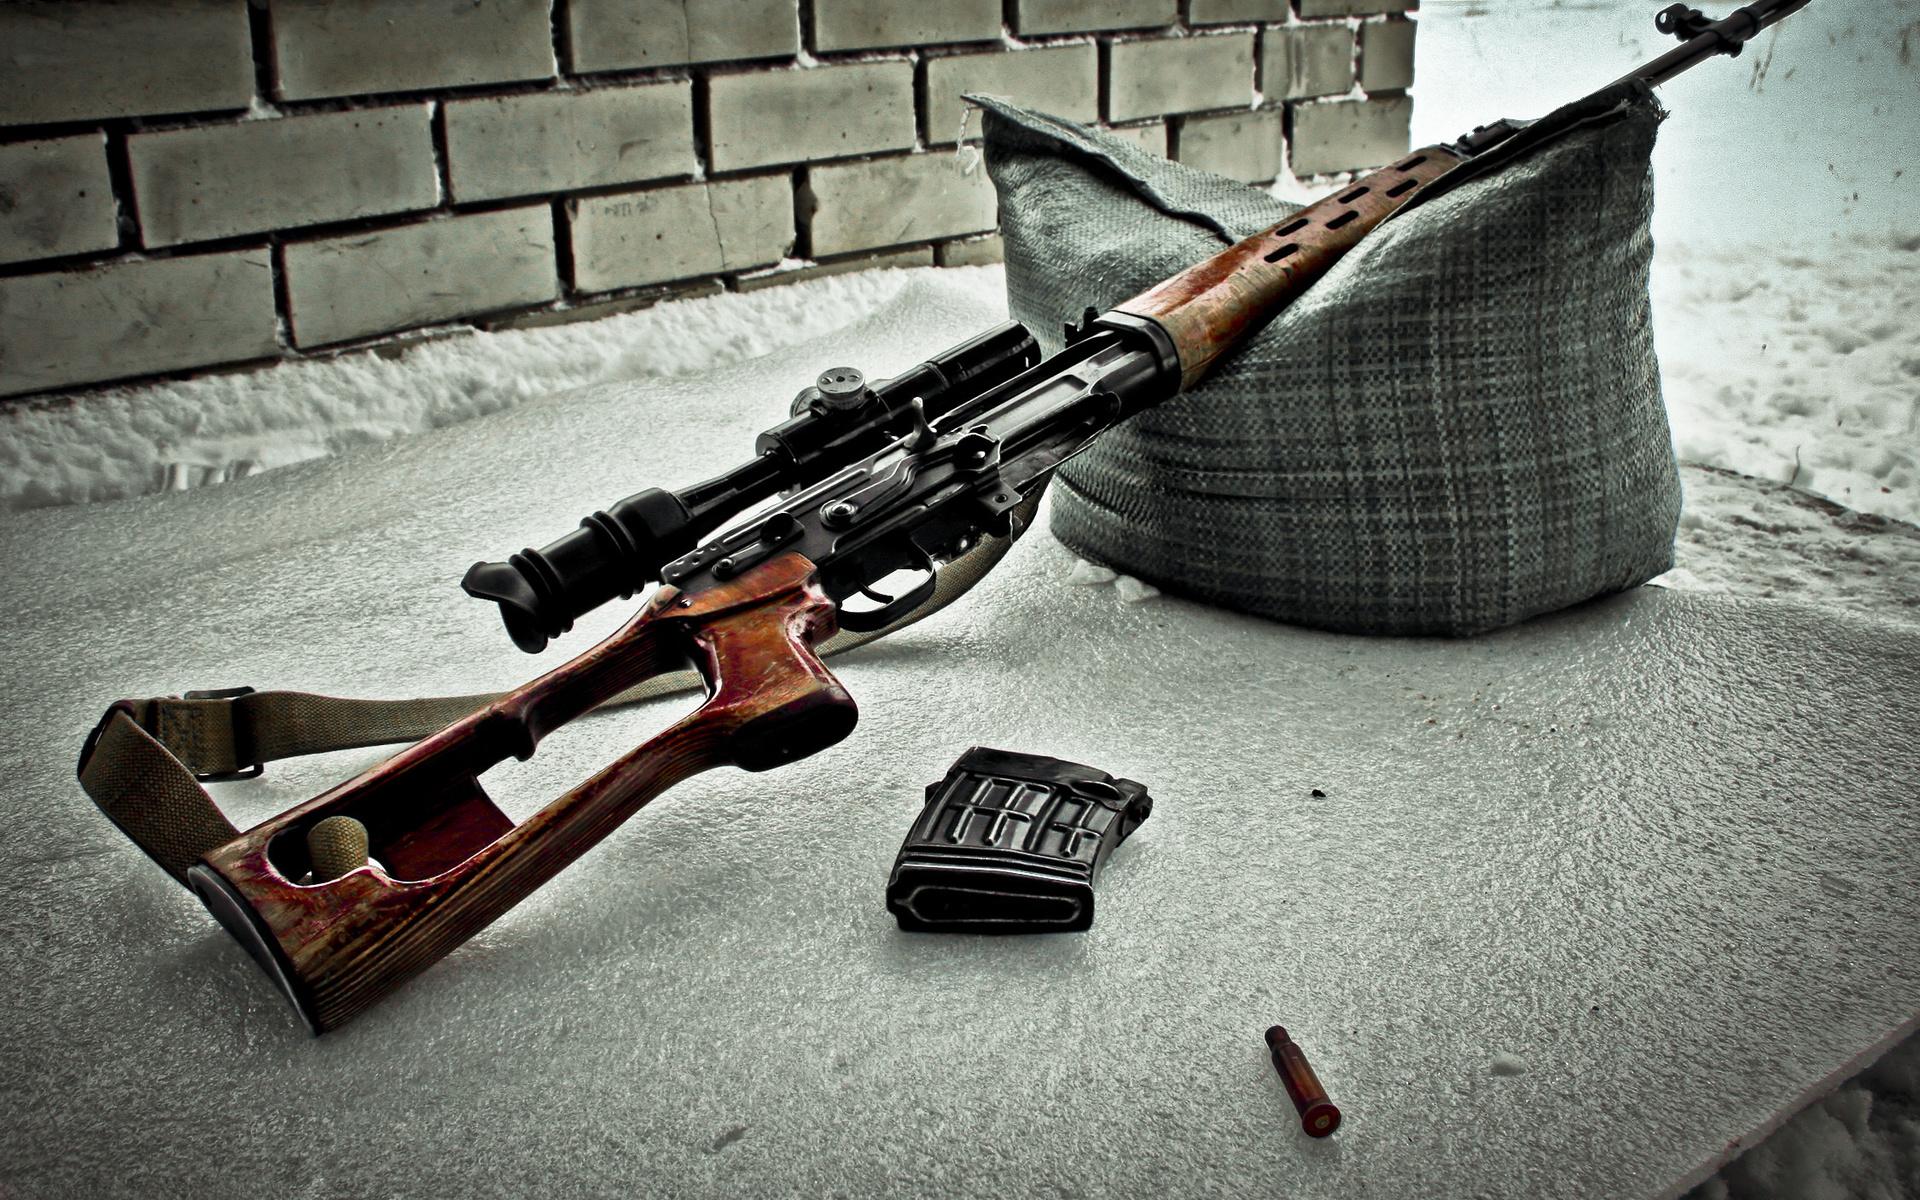 Оружие картинки высокого разрешения